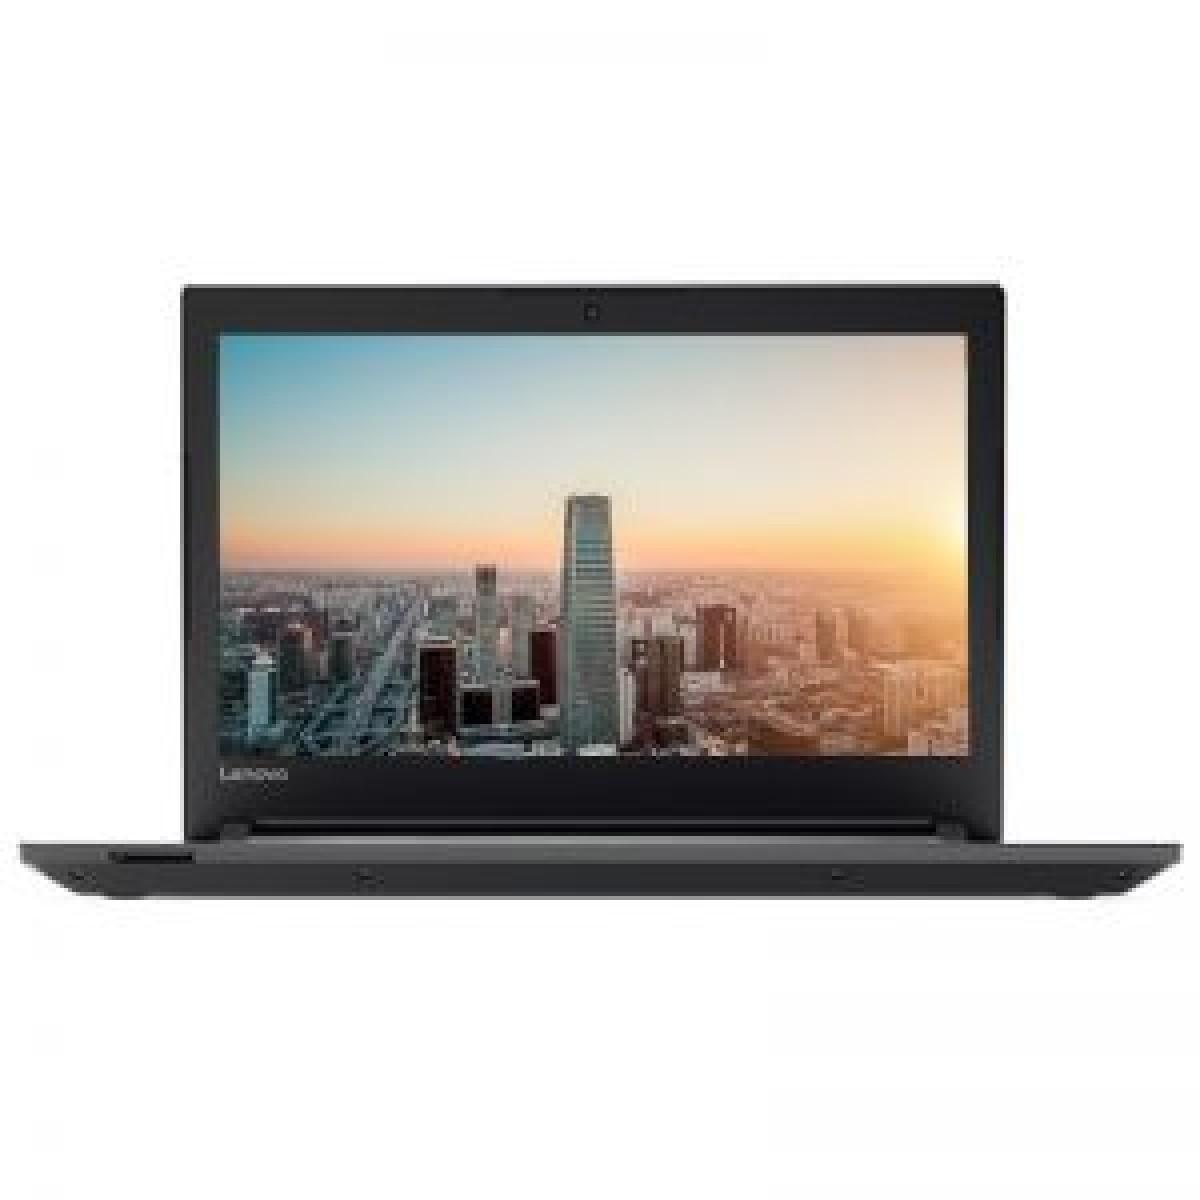 联想 笔记本电脑 昭阳E52-8084 黑色 i5-7200U 4GB 500GB 2G独显 外置光驱 15.6寸 无系统